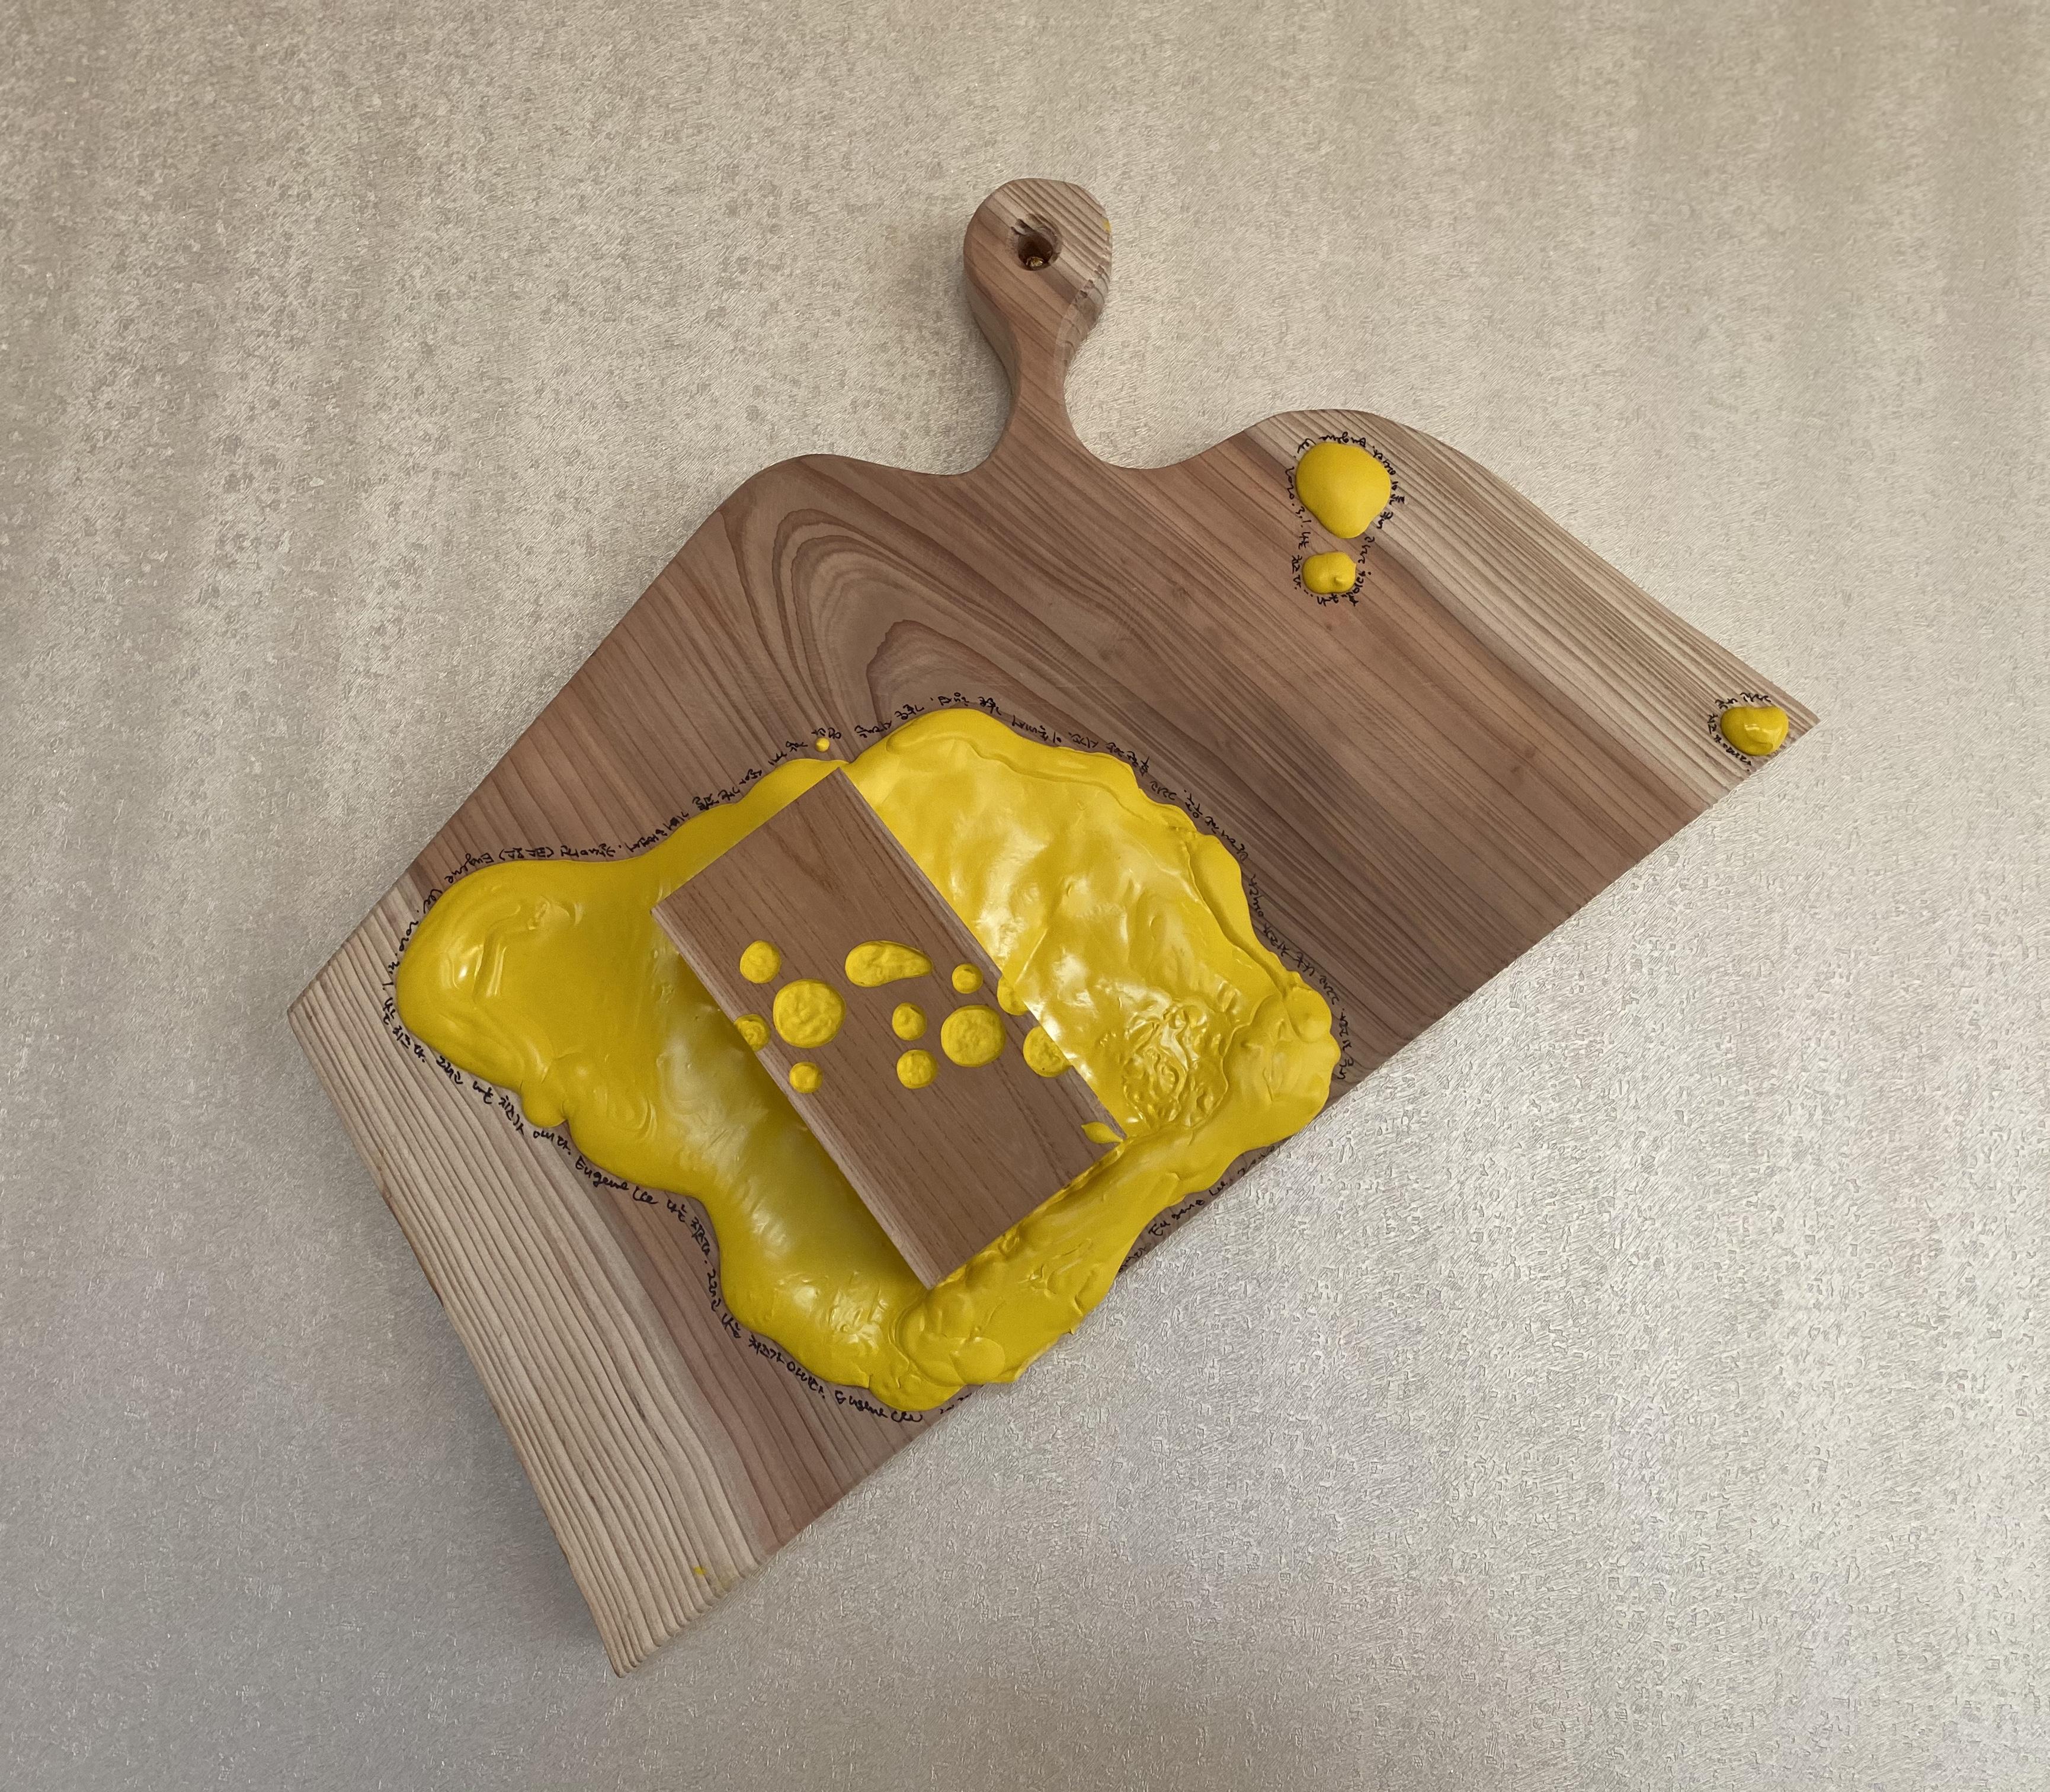 이봉식2, 나는 치즈다, 그리고 나는 치즈가 아니다